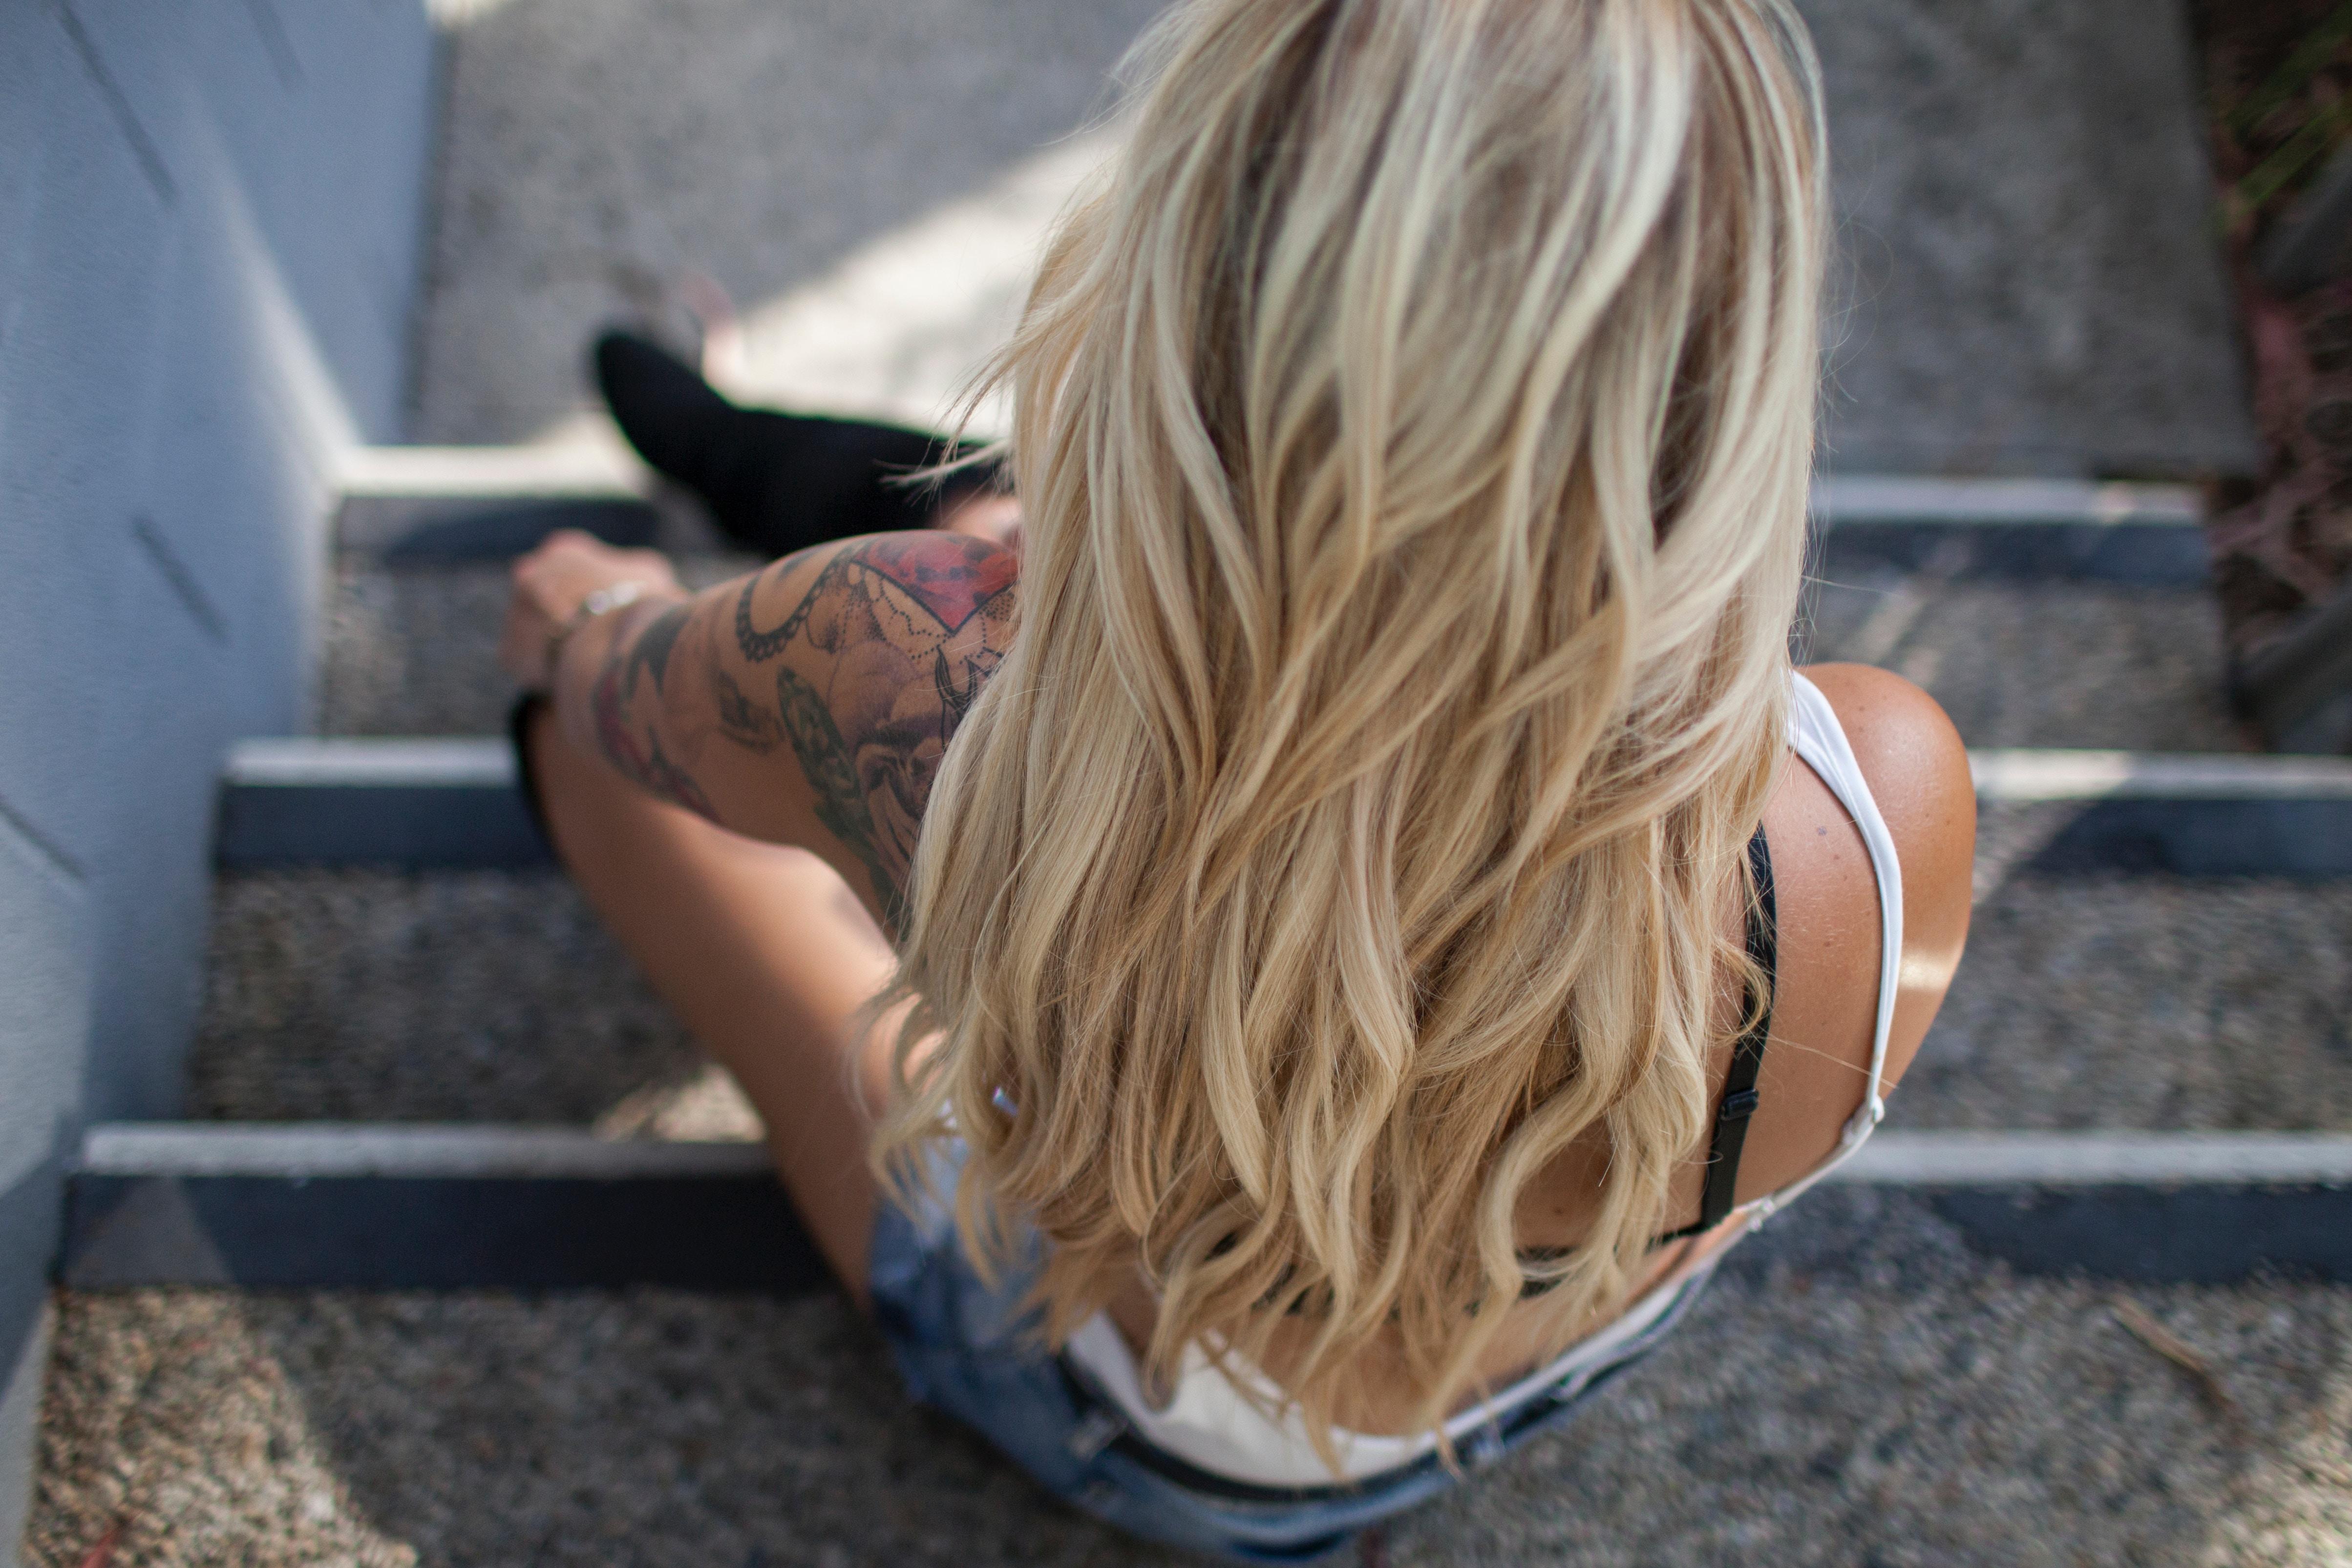 cheveux blond, blondir cheveux, cheveux camomille, éclaircir cheveux, cheveux soleil